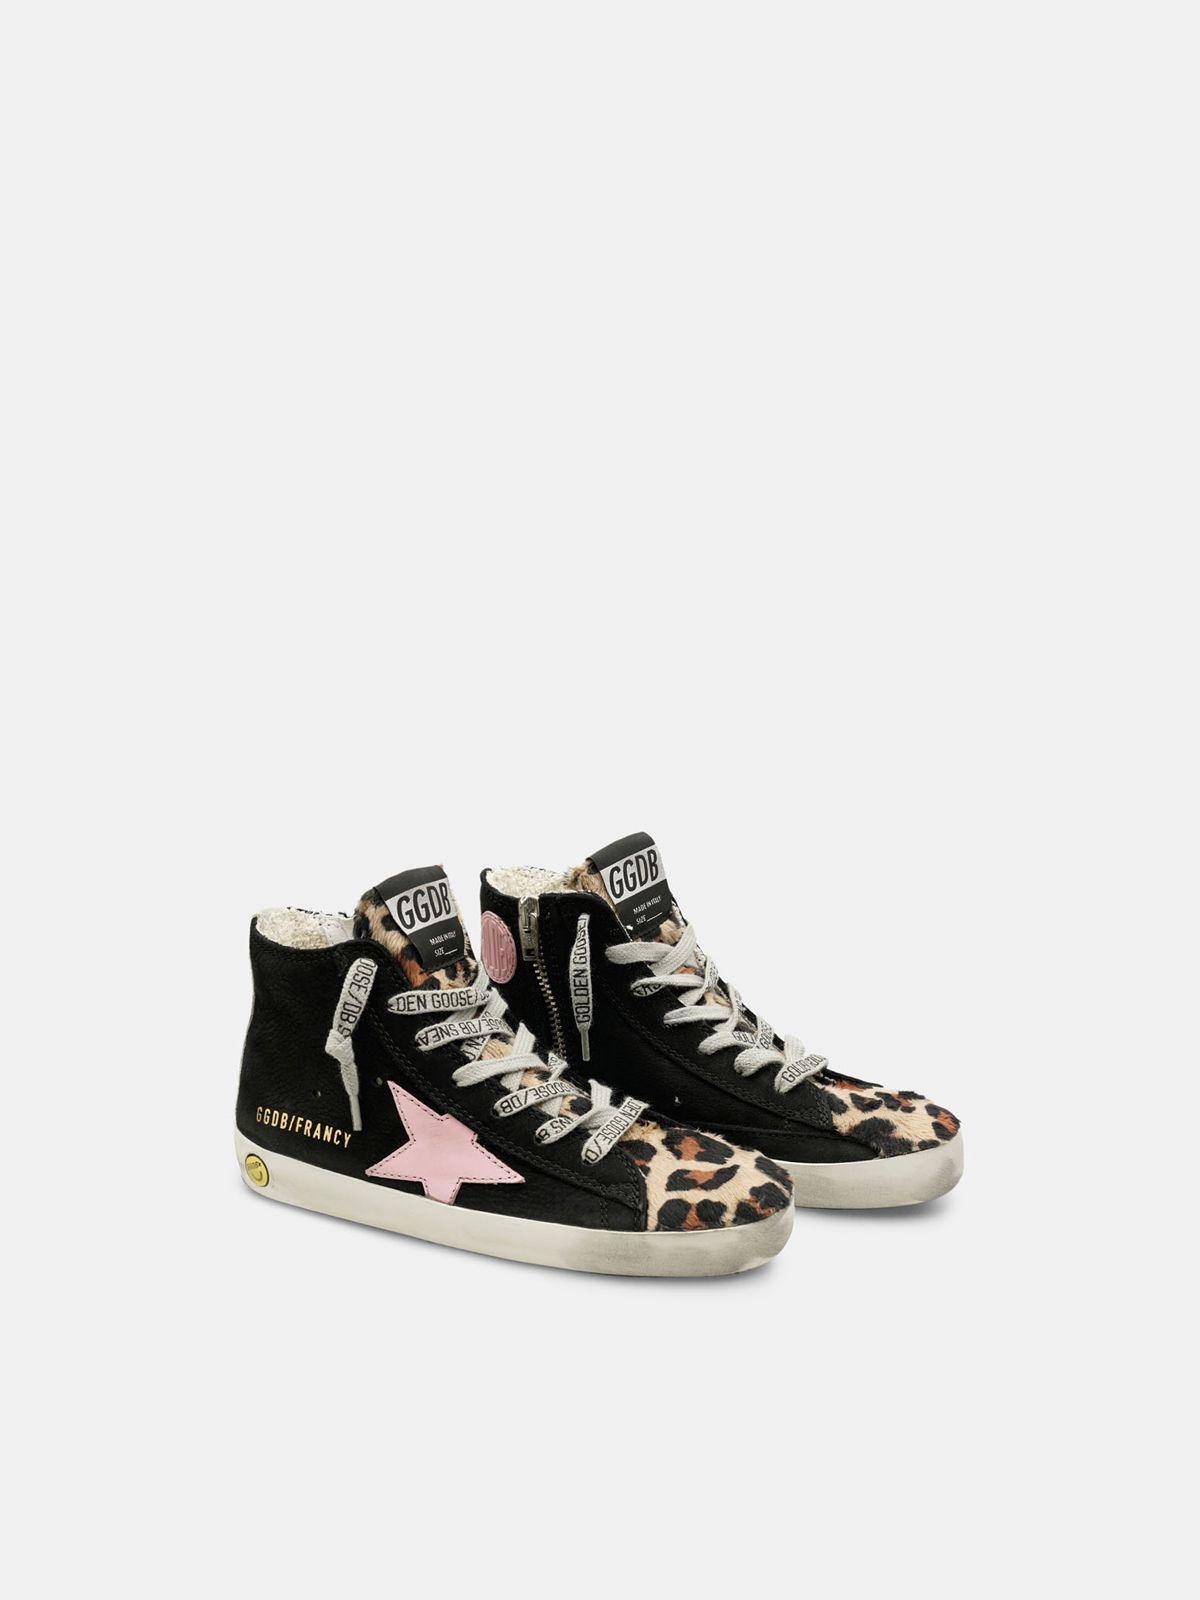 Golden Goose - Zapatillas deportivas Francy de nobuk y piel efecto potro con estampado de leopardo in